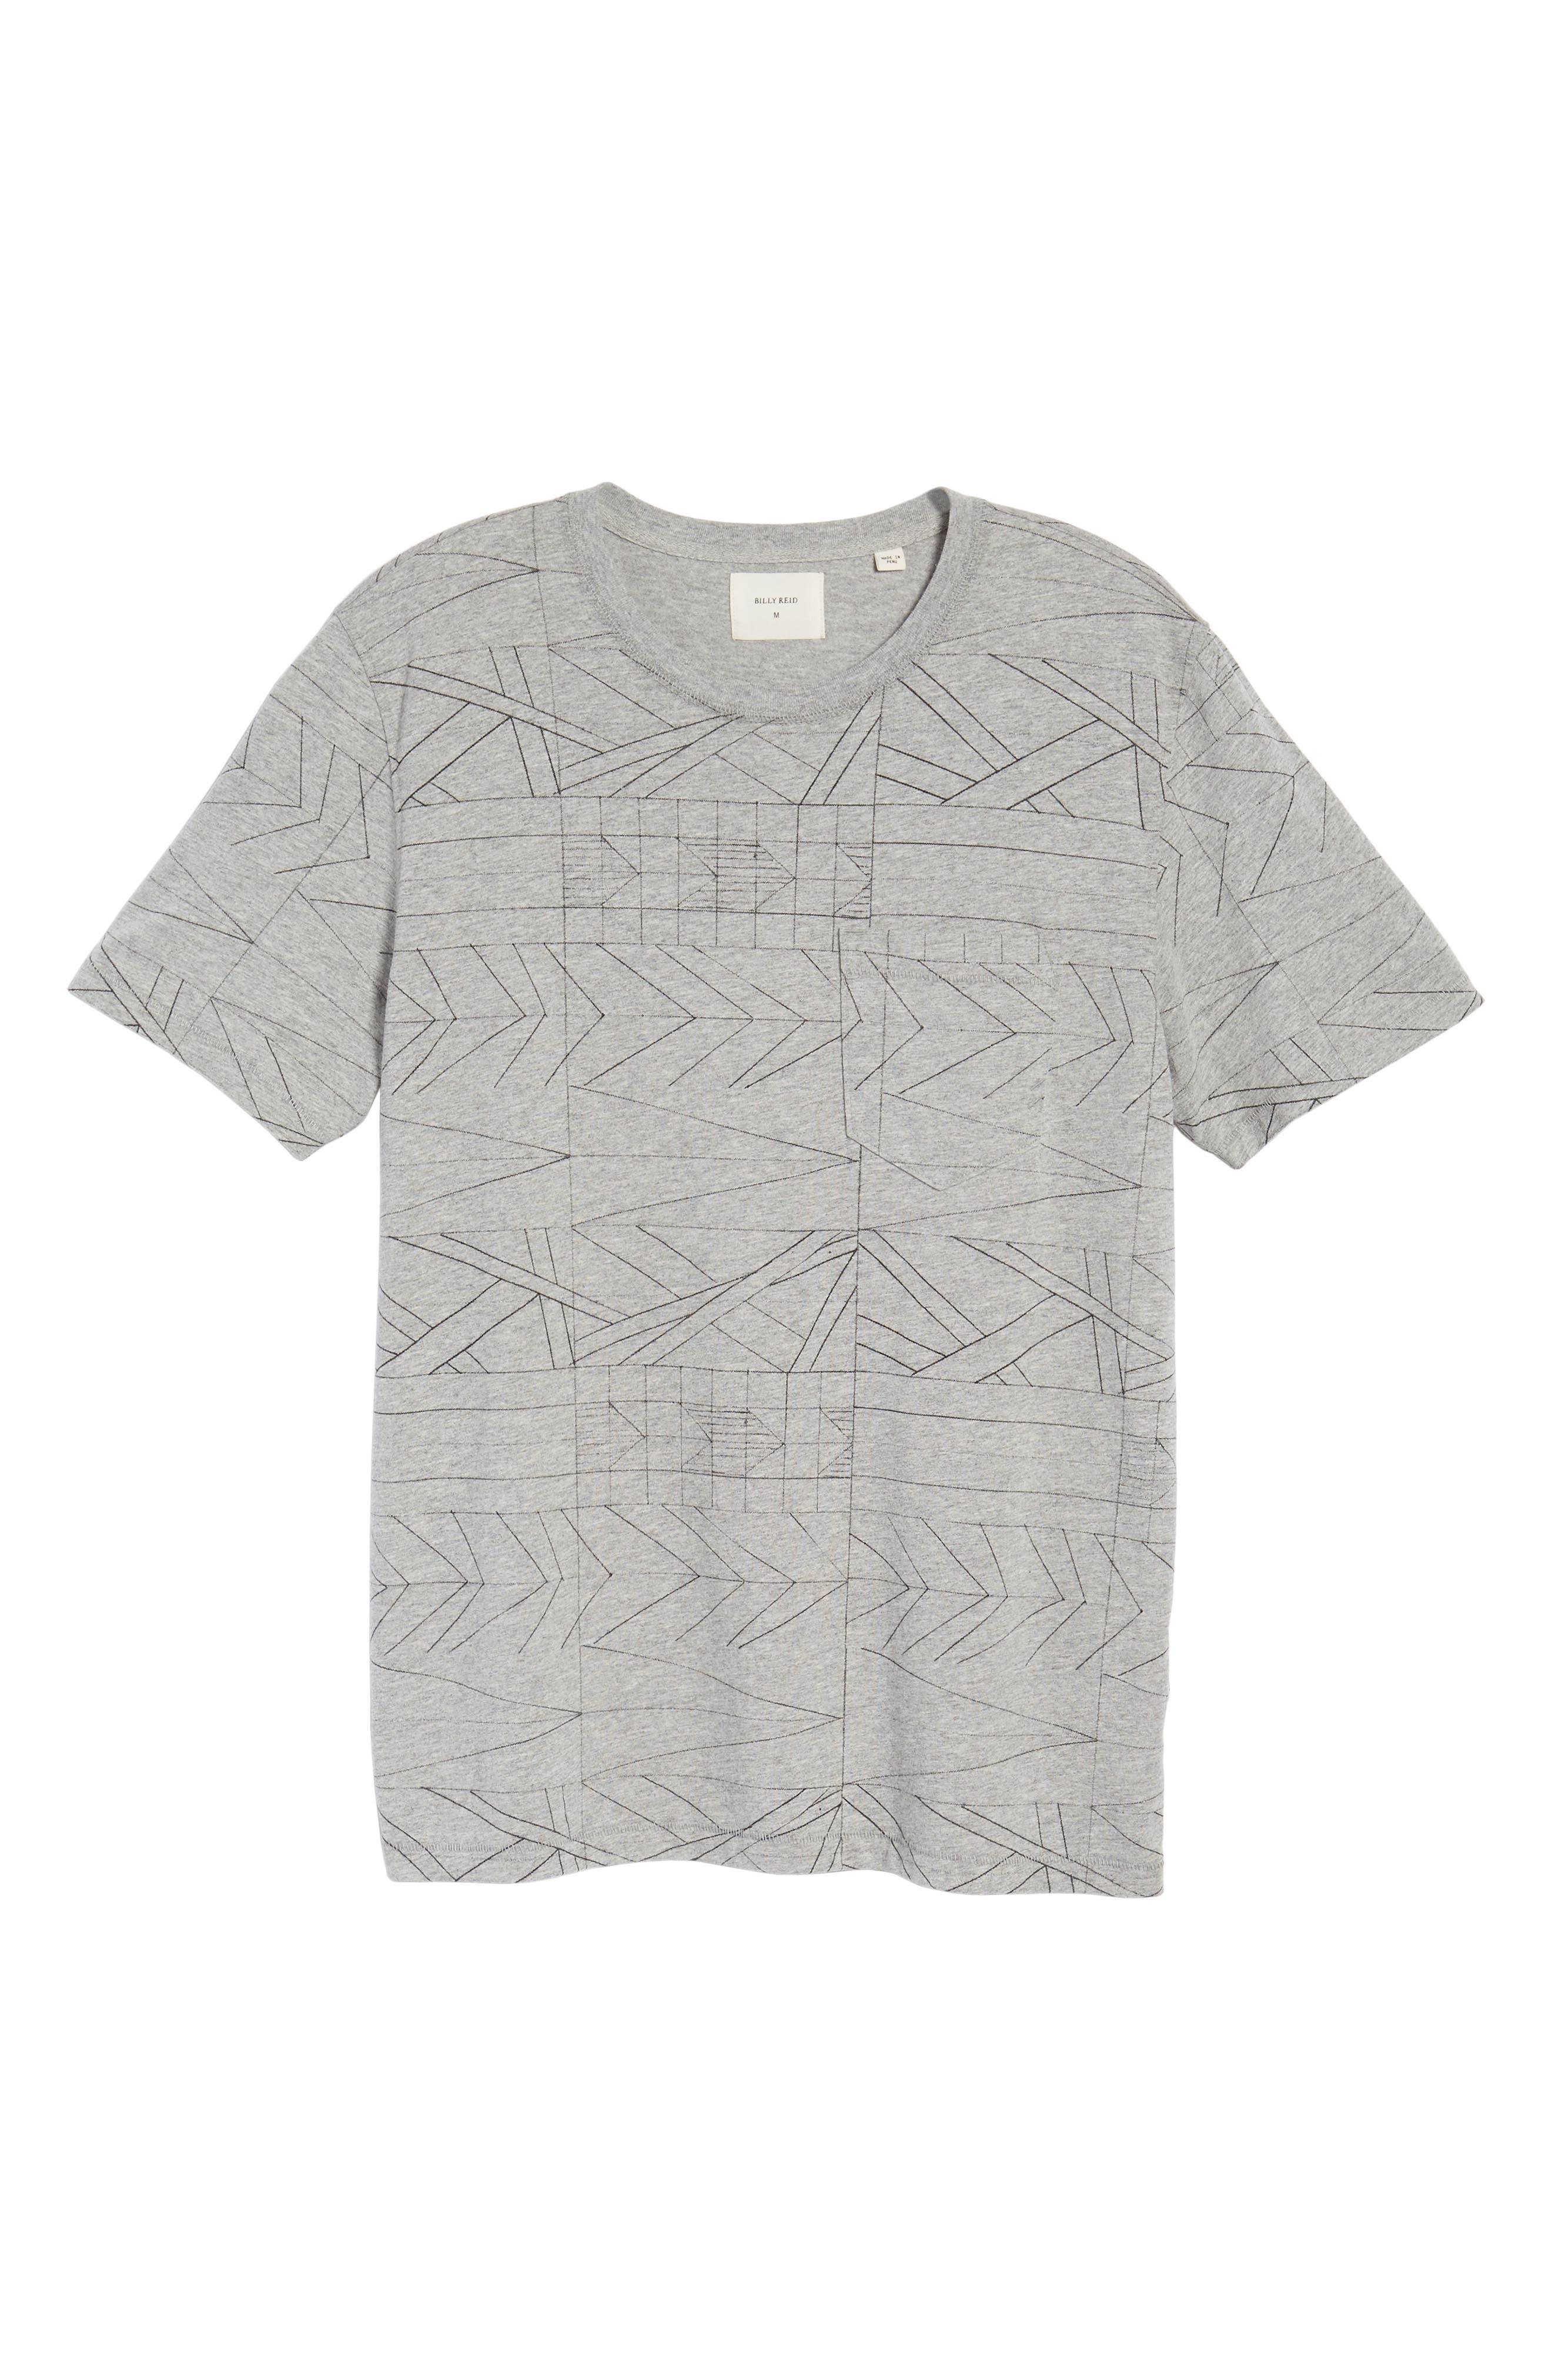 Fracture Line Crewneck T-Shirt,                             Alternate thumbnail 6, color,                             FRACTURE LINE